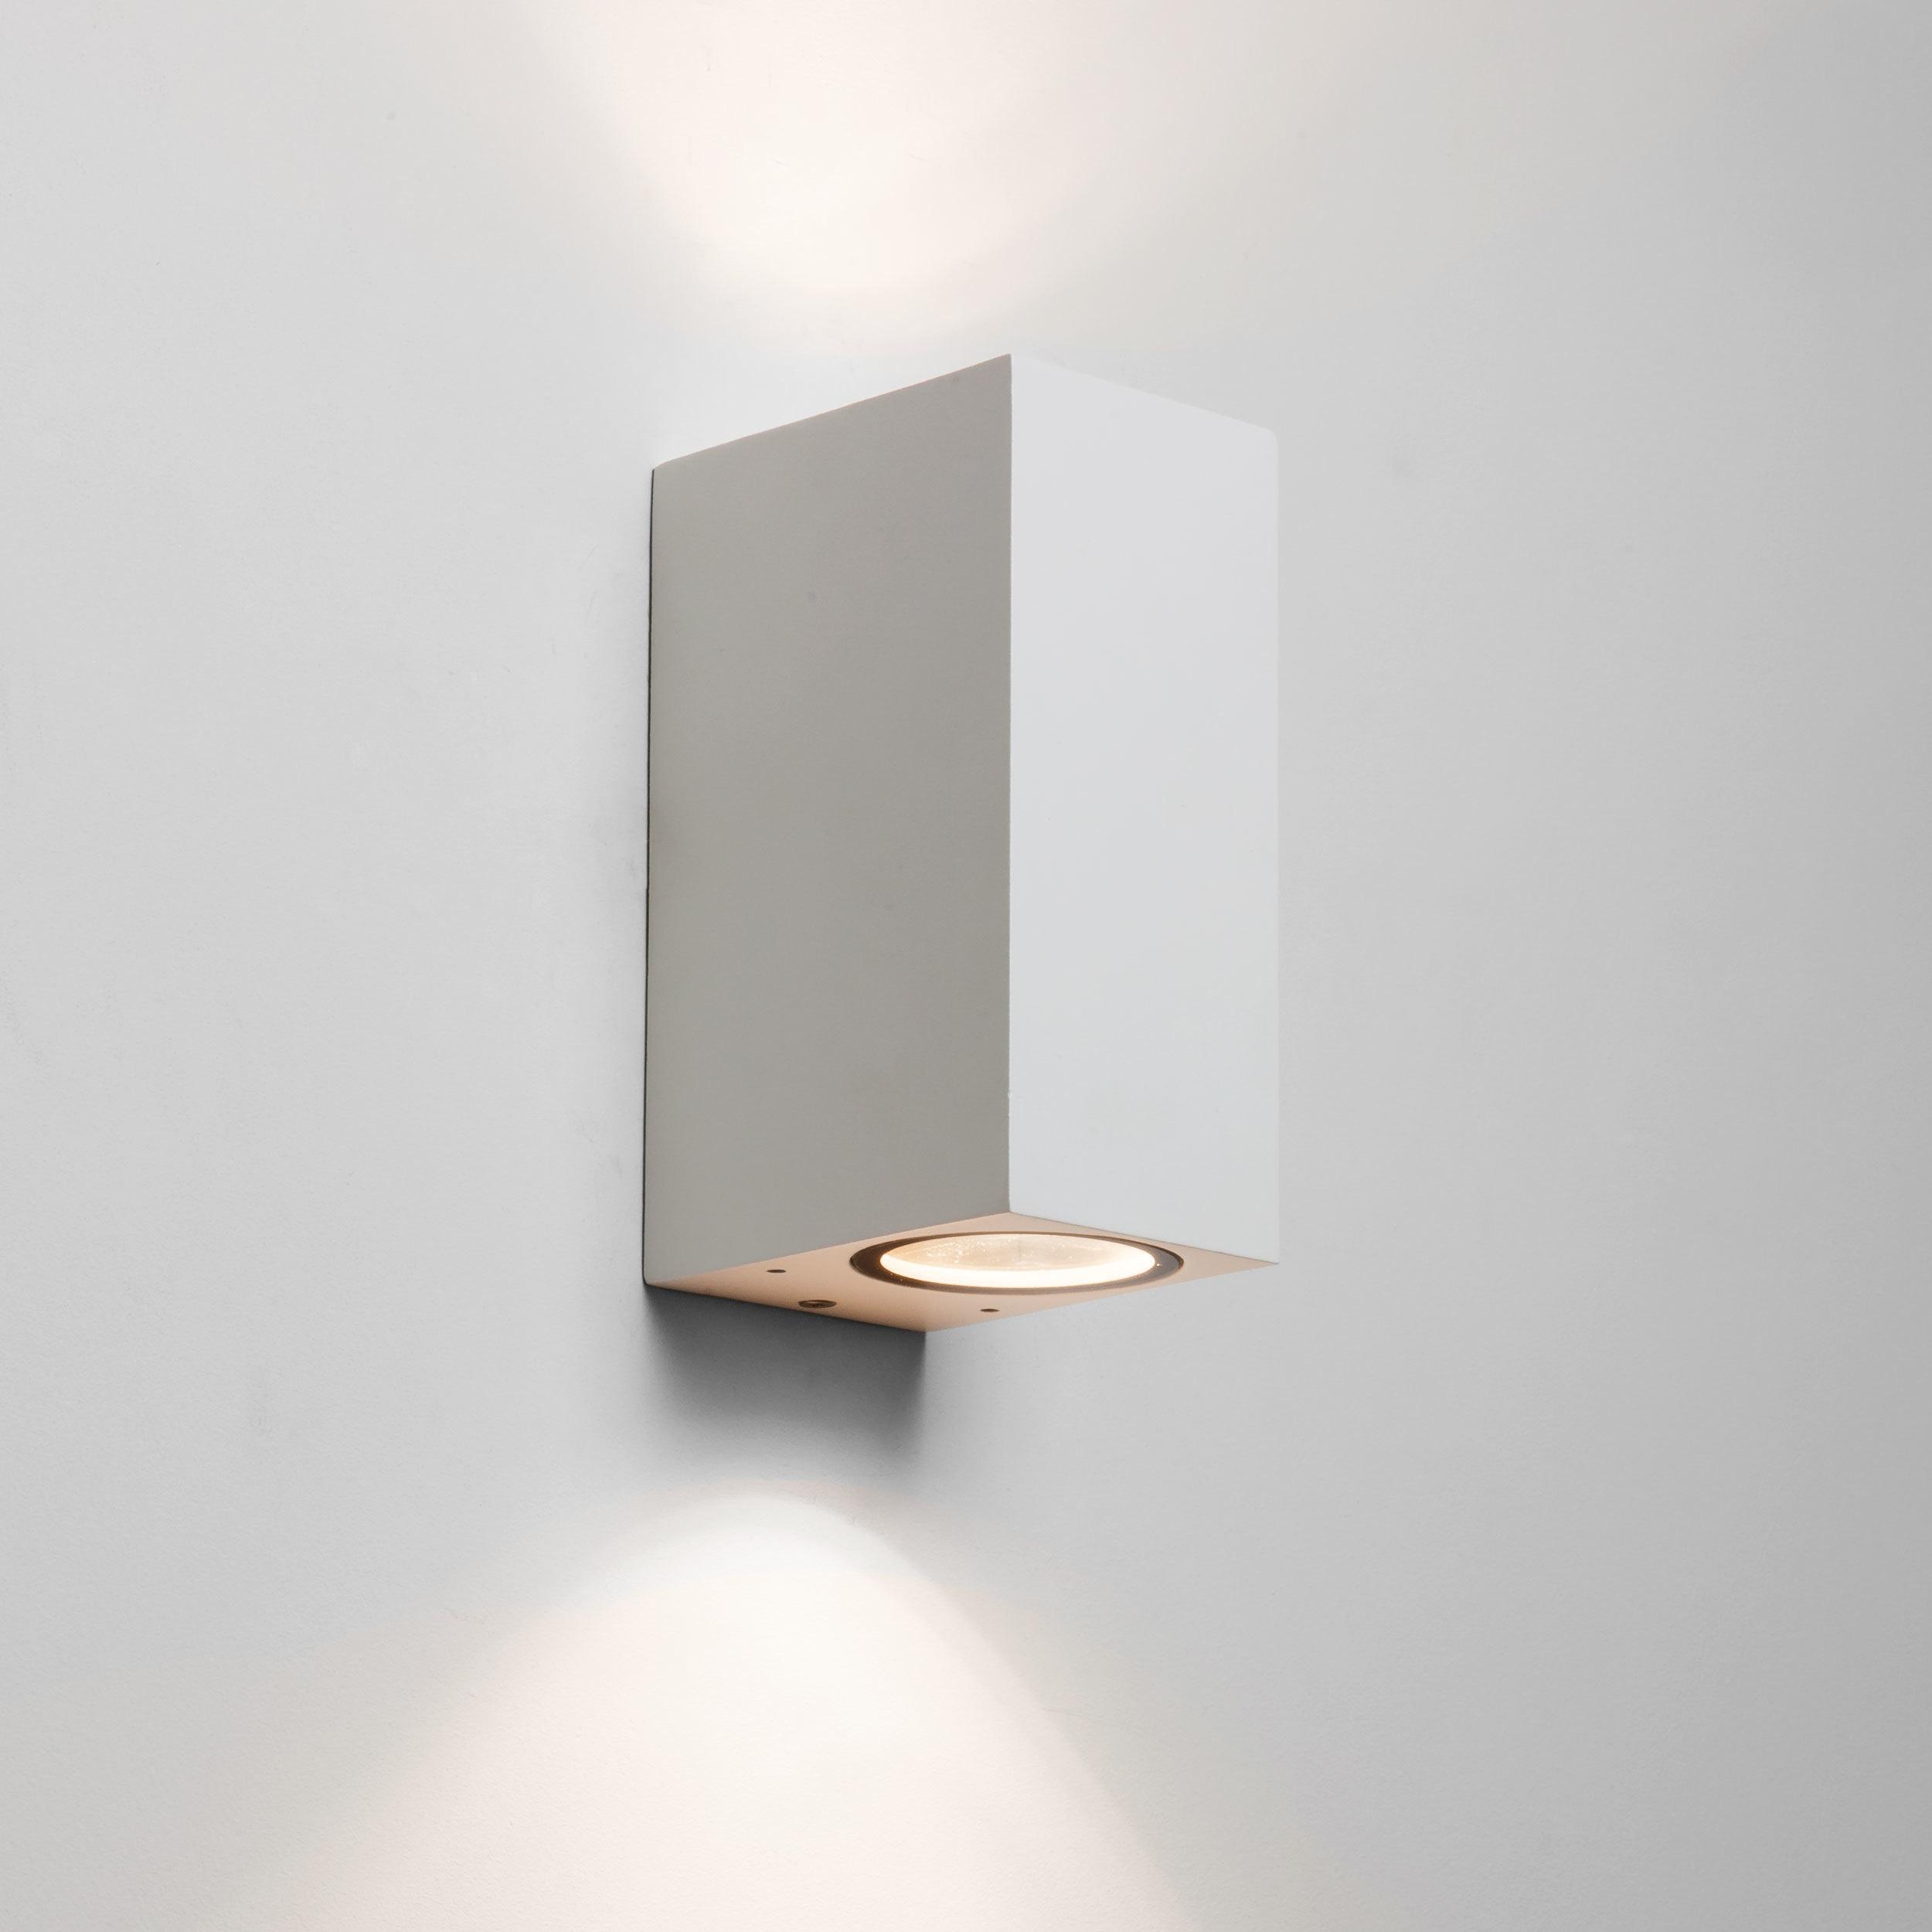 Настенный светильник Astro Chios 1310006 (7565), IP44, 2xGU10x6W, белый, металл, стекло - фото 1